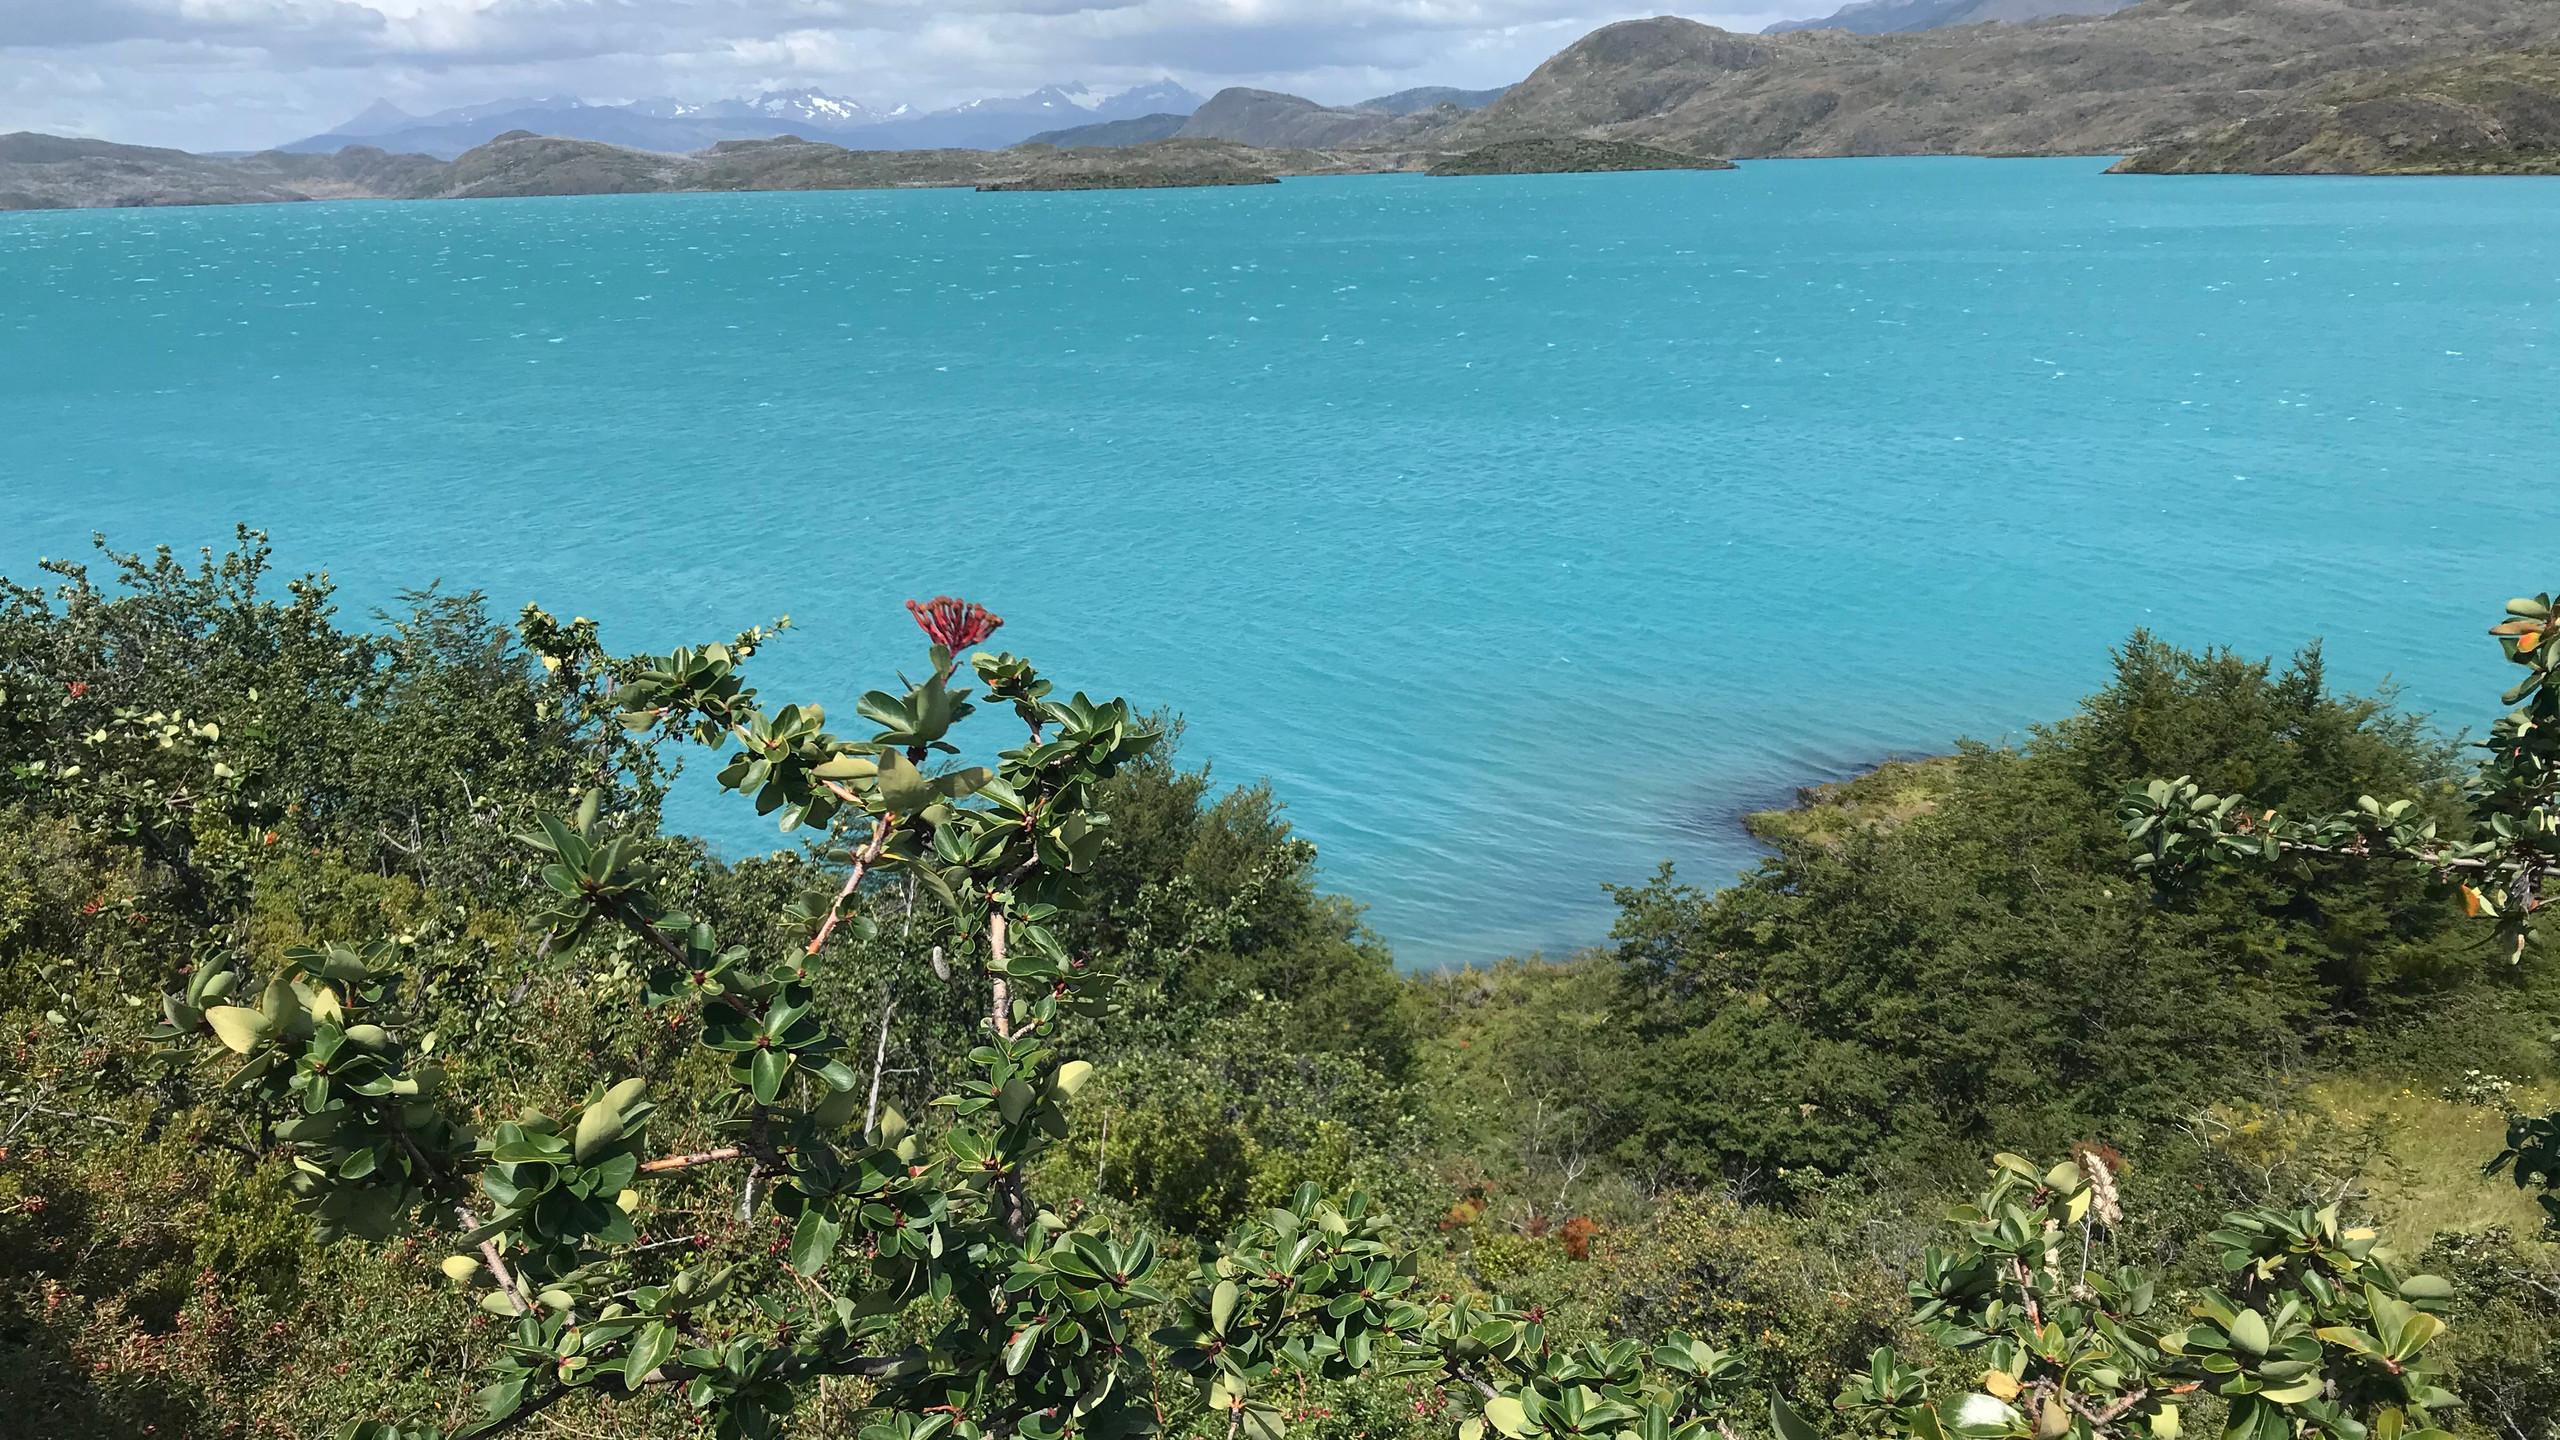 Auf dem Weg zum Torres del Paine waren überall solche kleinen Seen